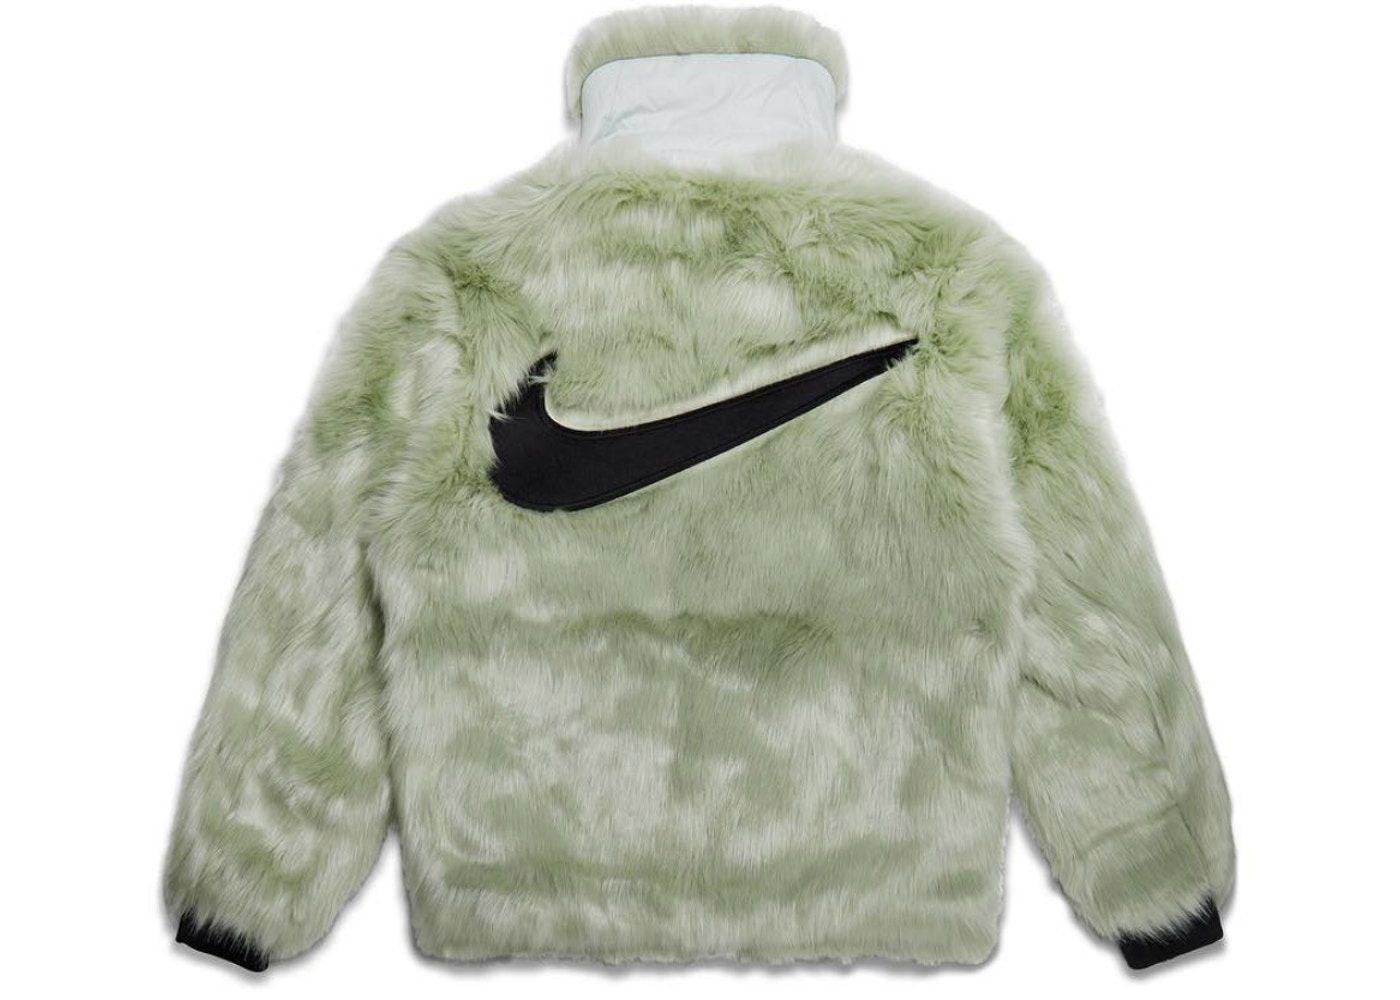 Predownload: Nike X Ambush Women S Reversible Faux Fur Coat Jade Horizon Black In 2021 Reversible Faux Fur Coat Faux Fur Coat Fur Coat [ 1000 x 1400 Pixel ]